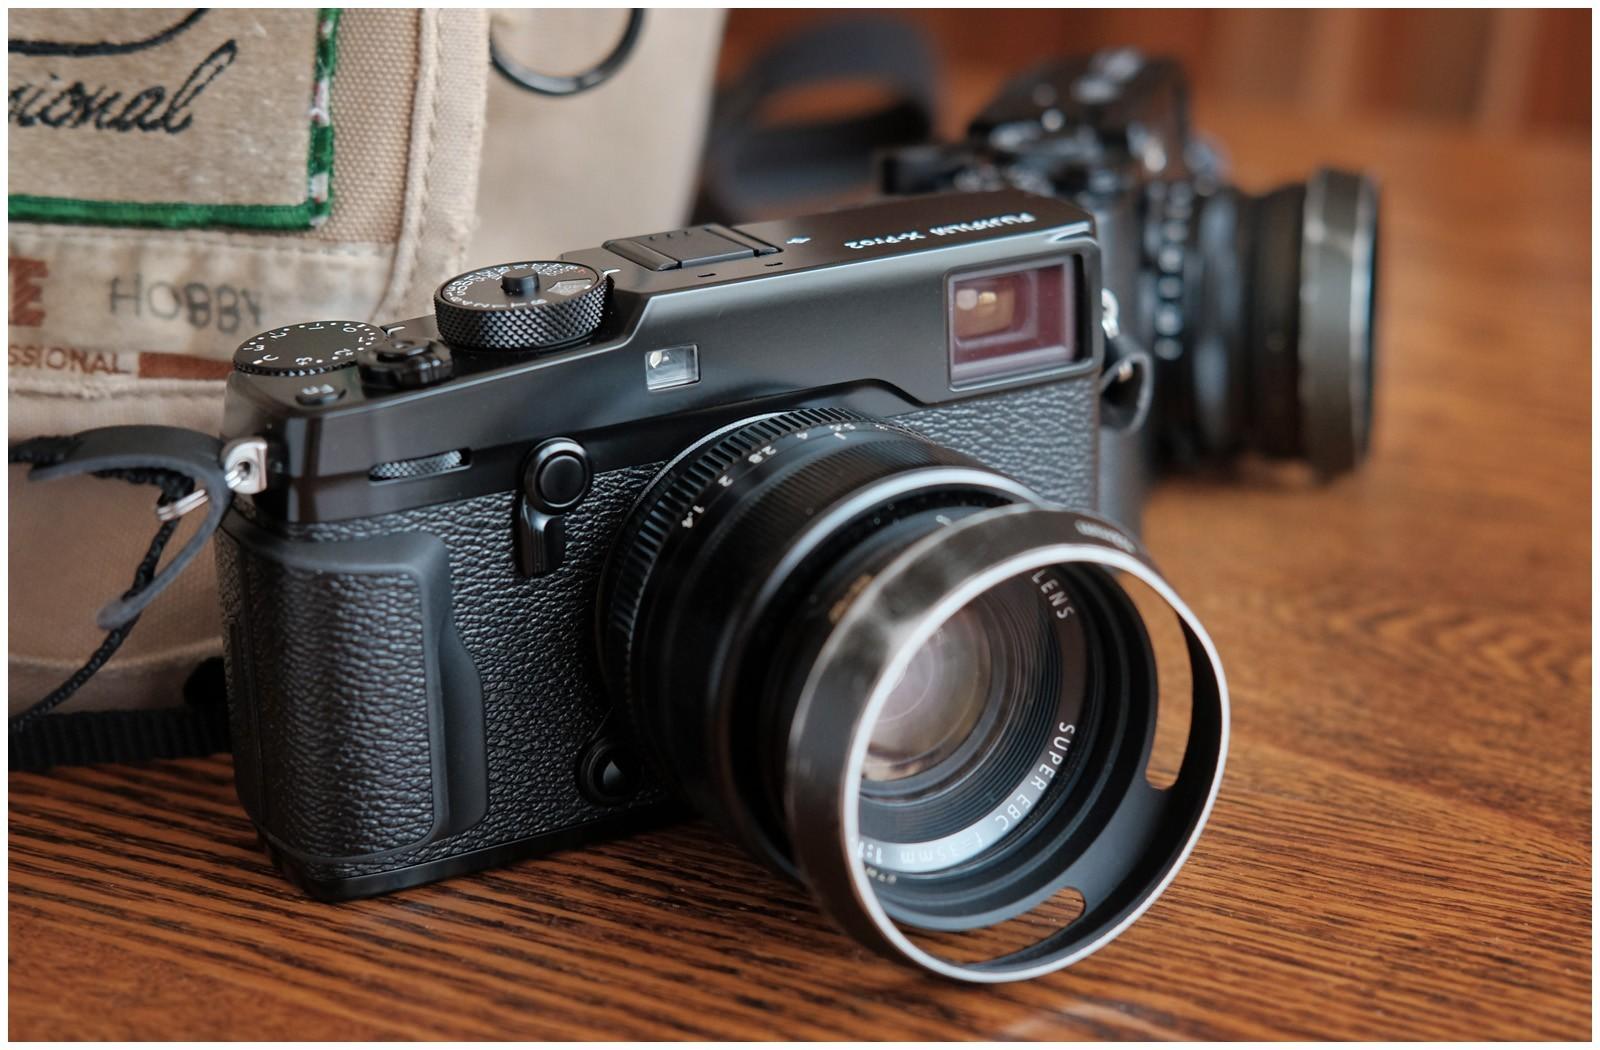 Fujifilm X-Pro2 - Rp 22 juta